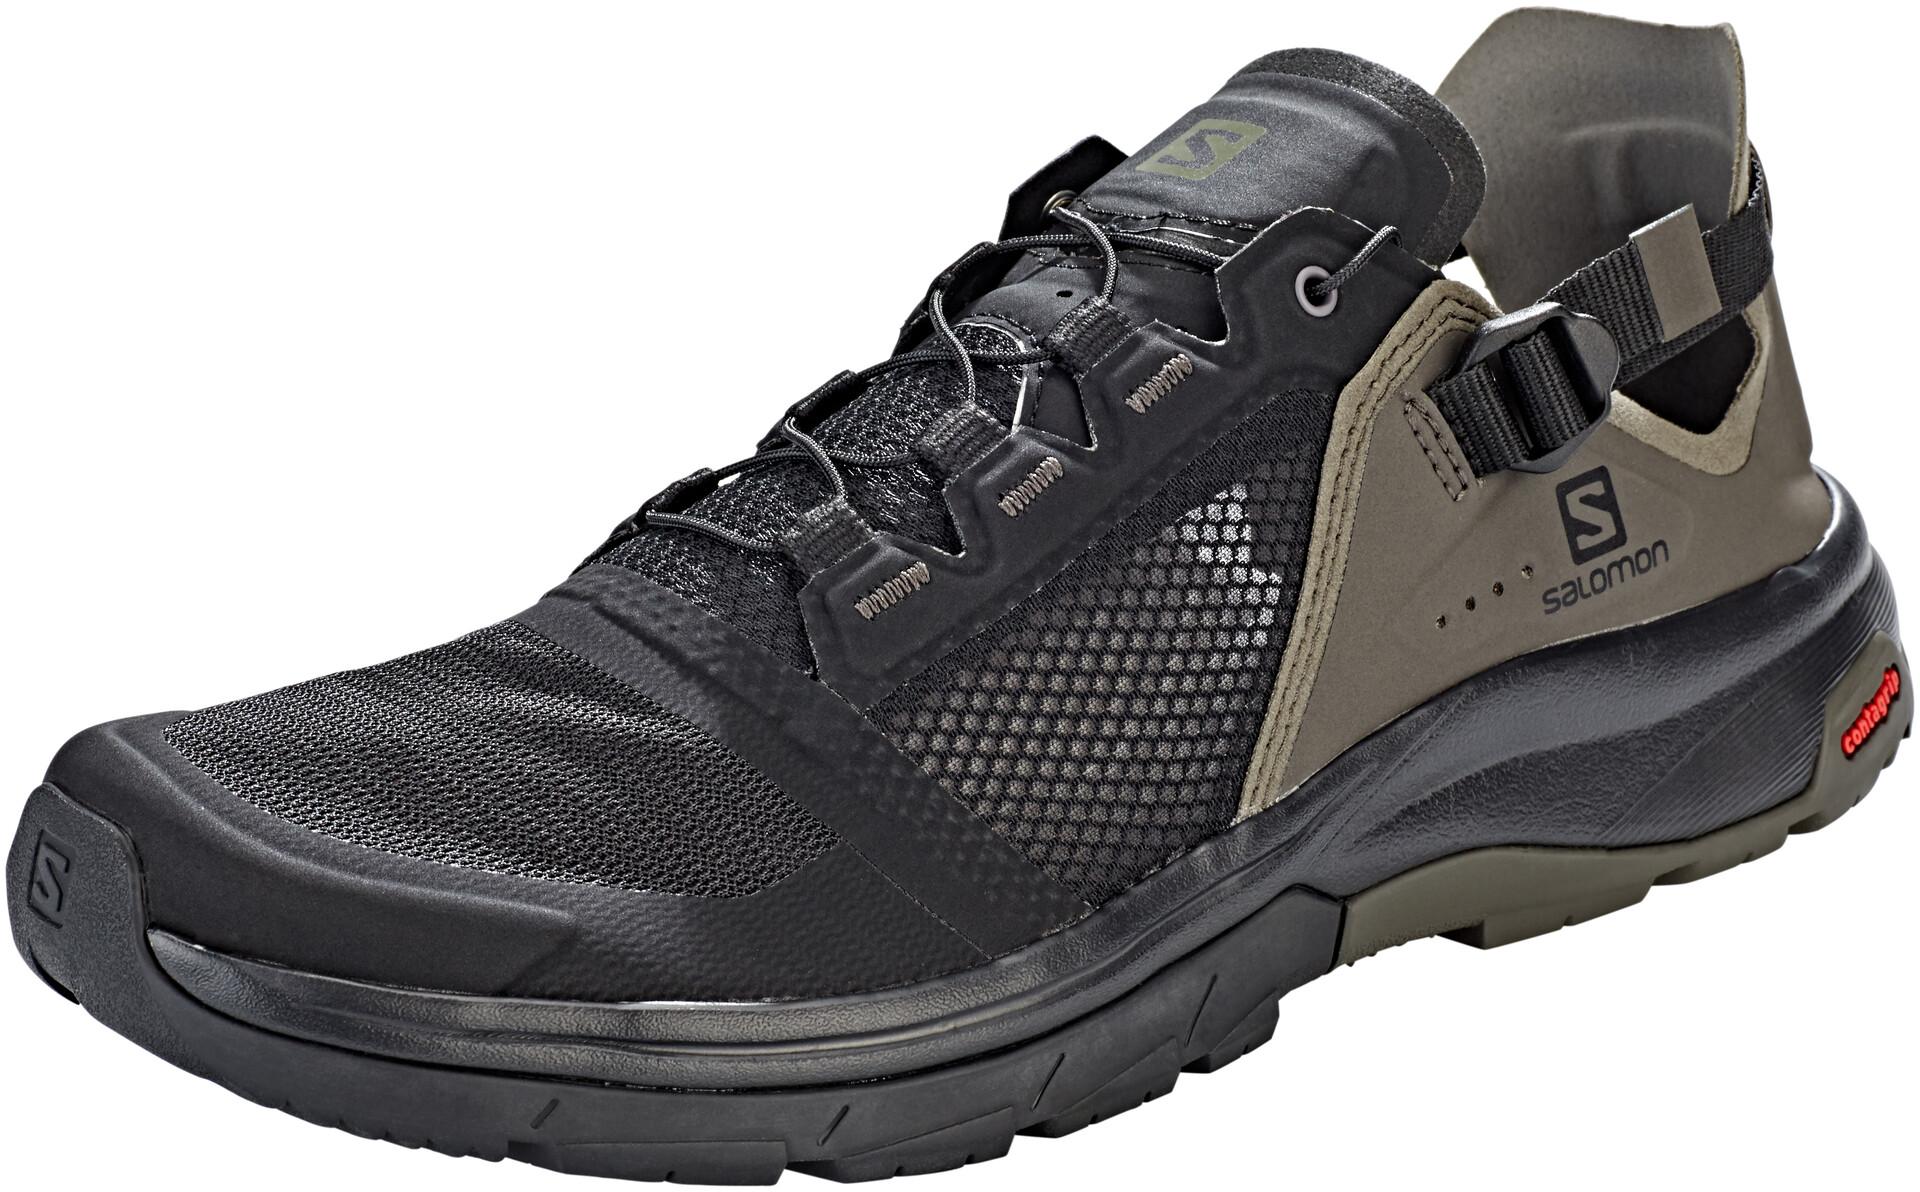 Salomon Techamphibian 4 Shoes Men black